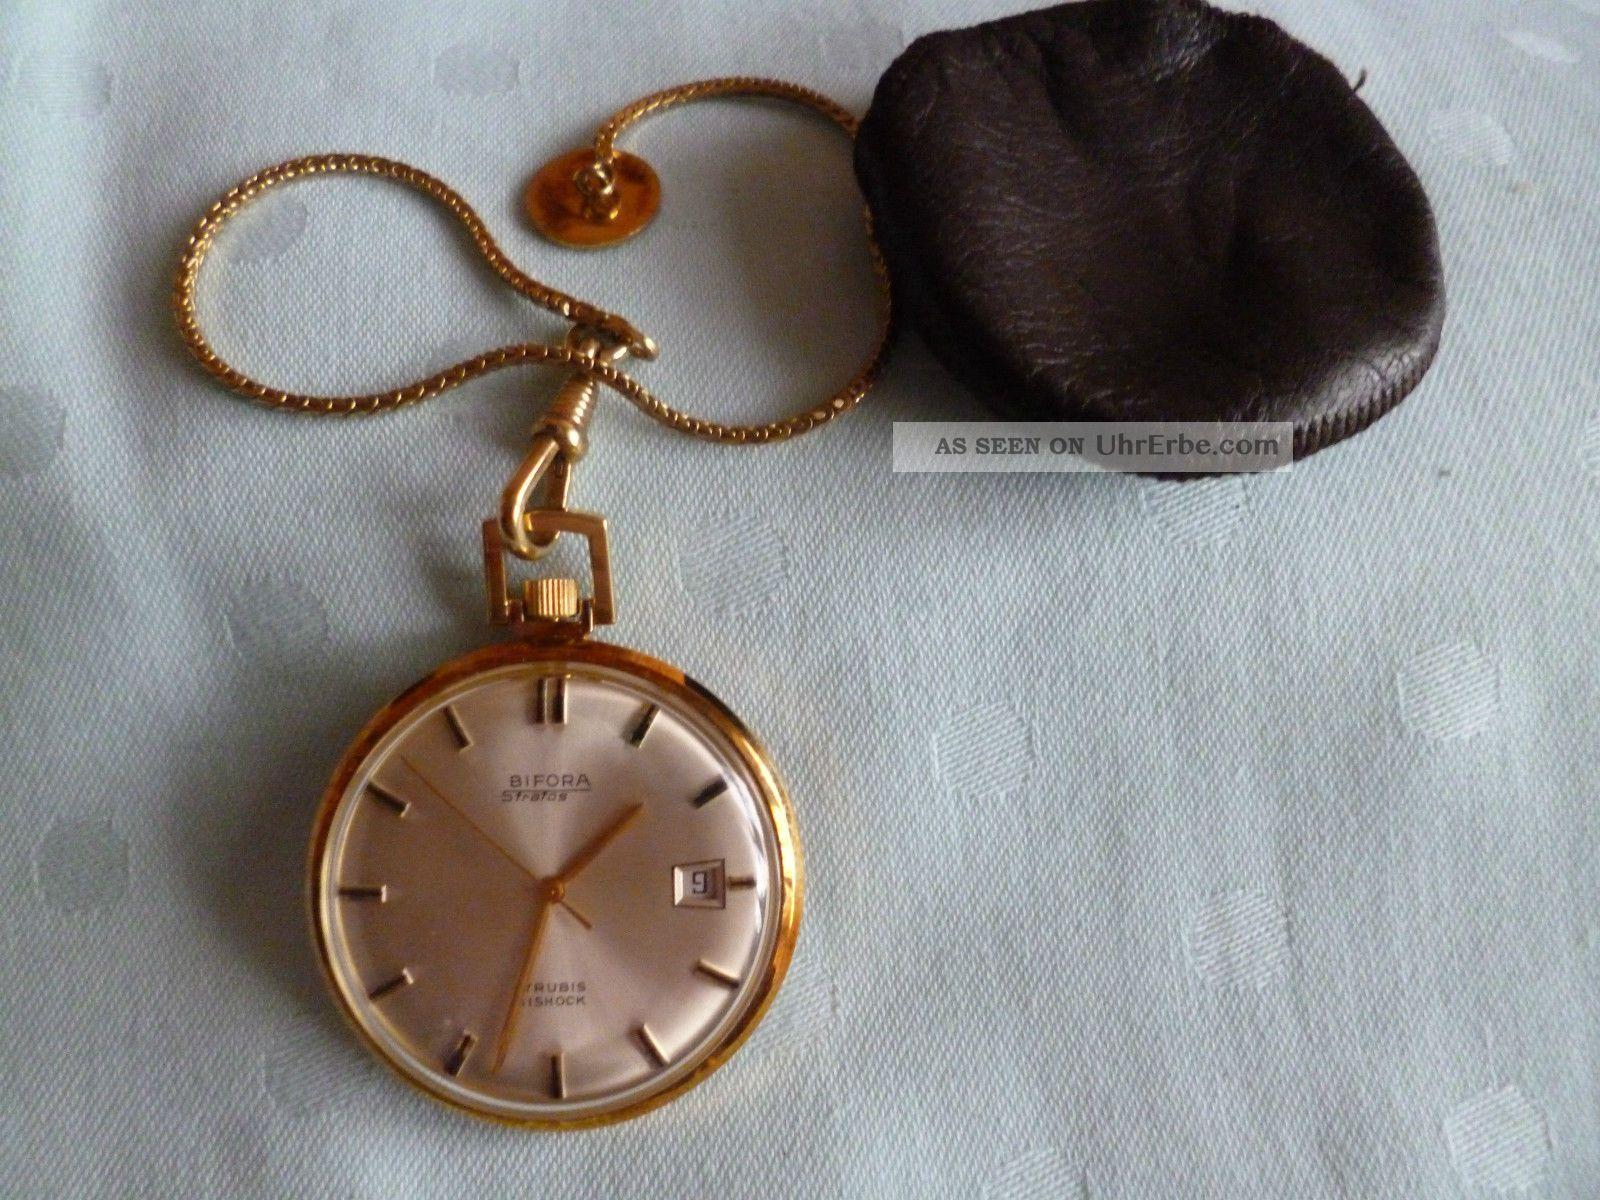 Taschen Uhr Mit Datum Anzeiger Armbanduhren Bild